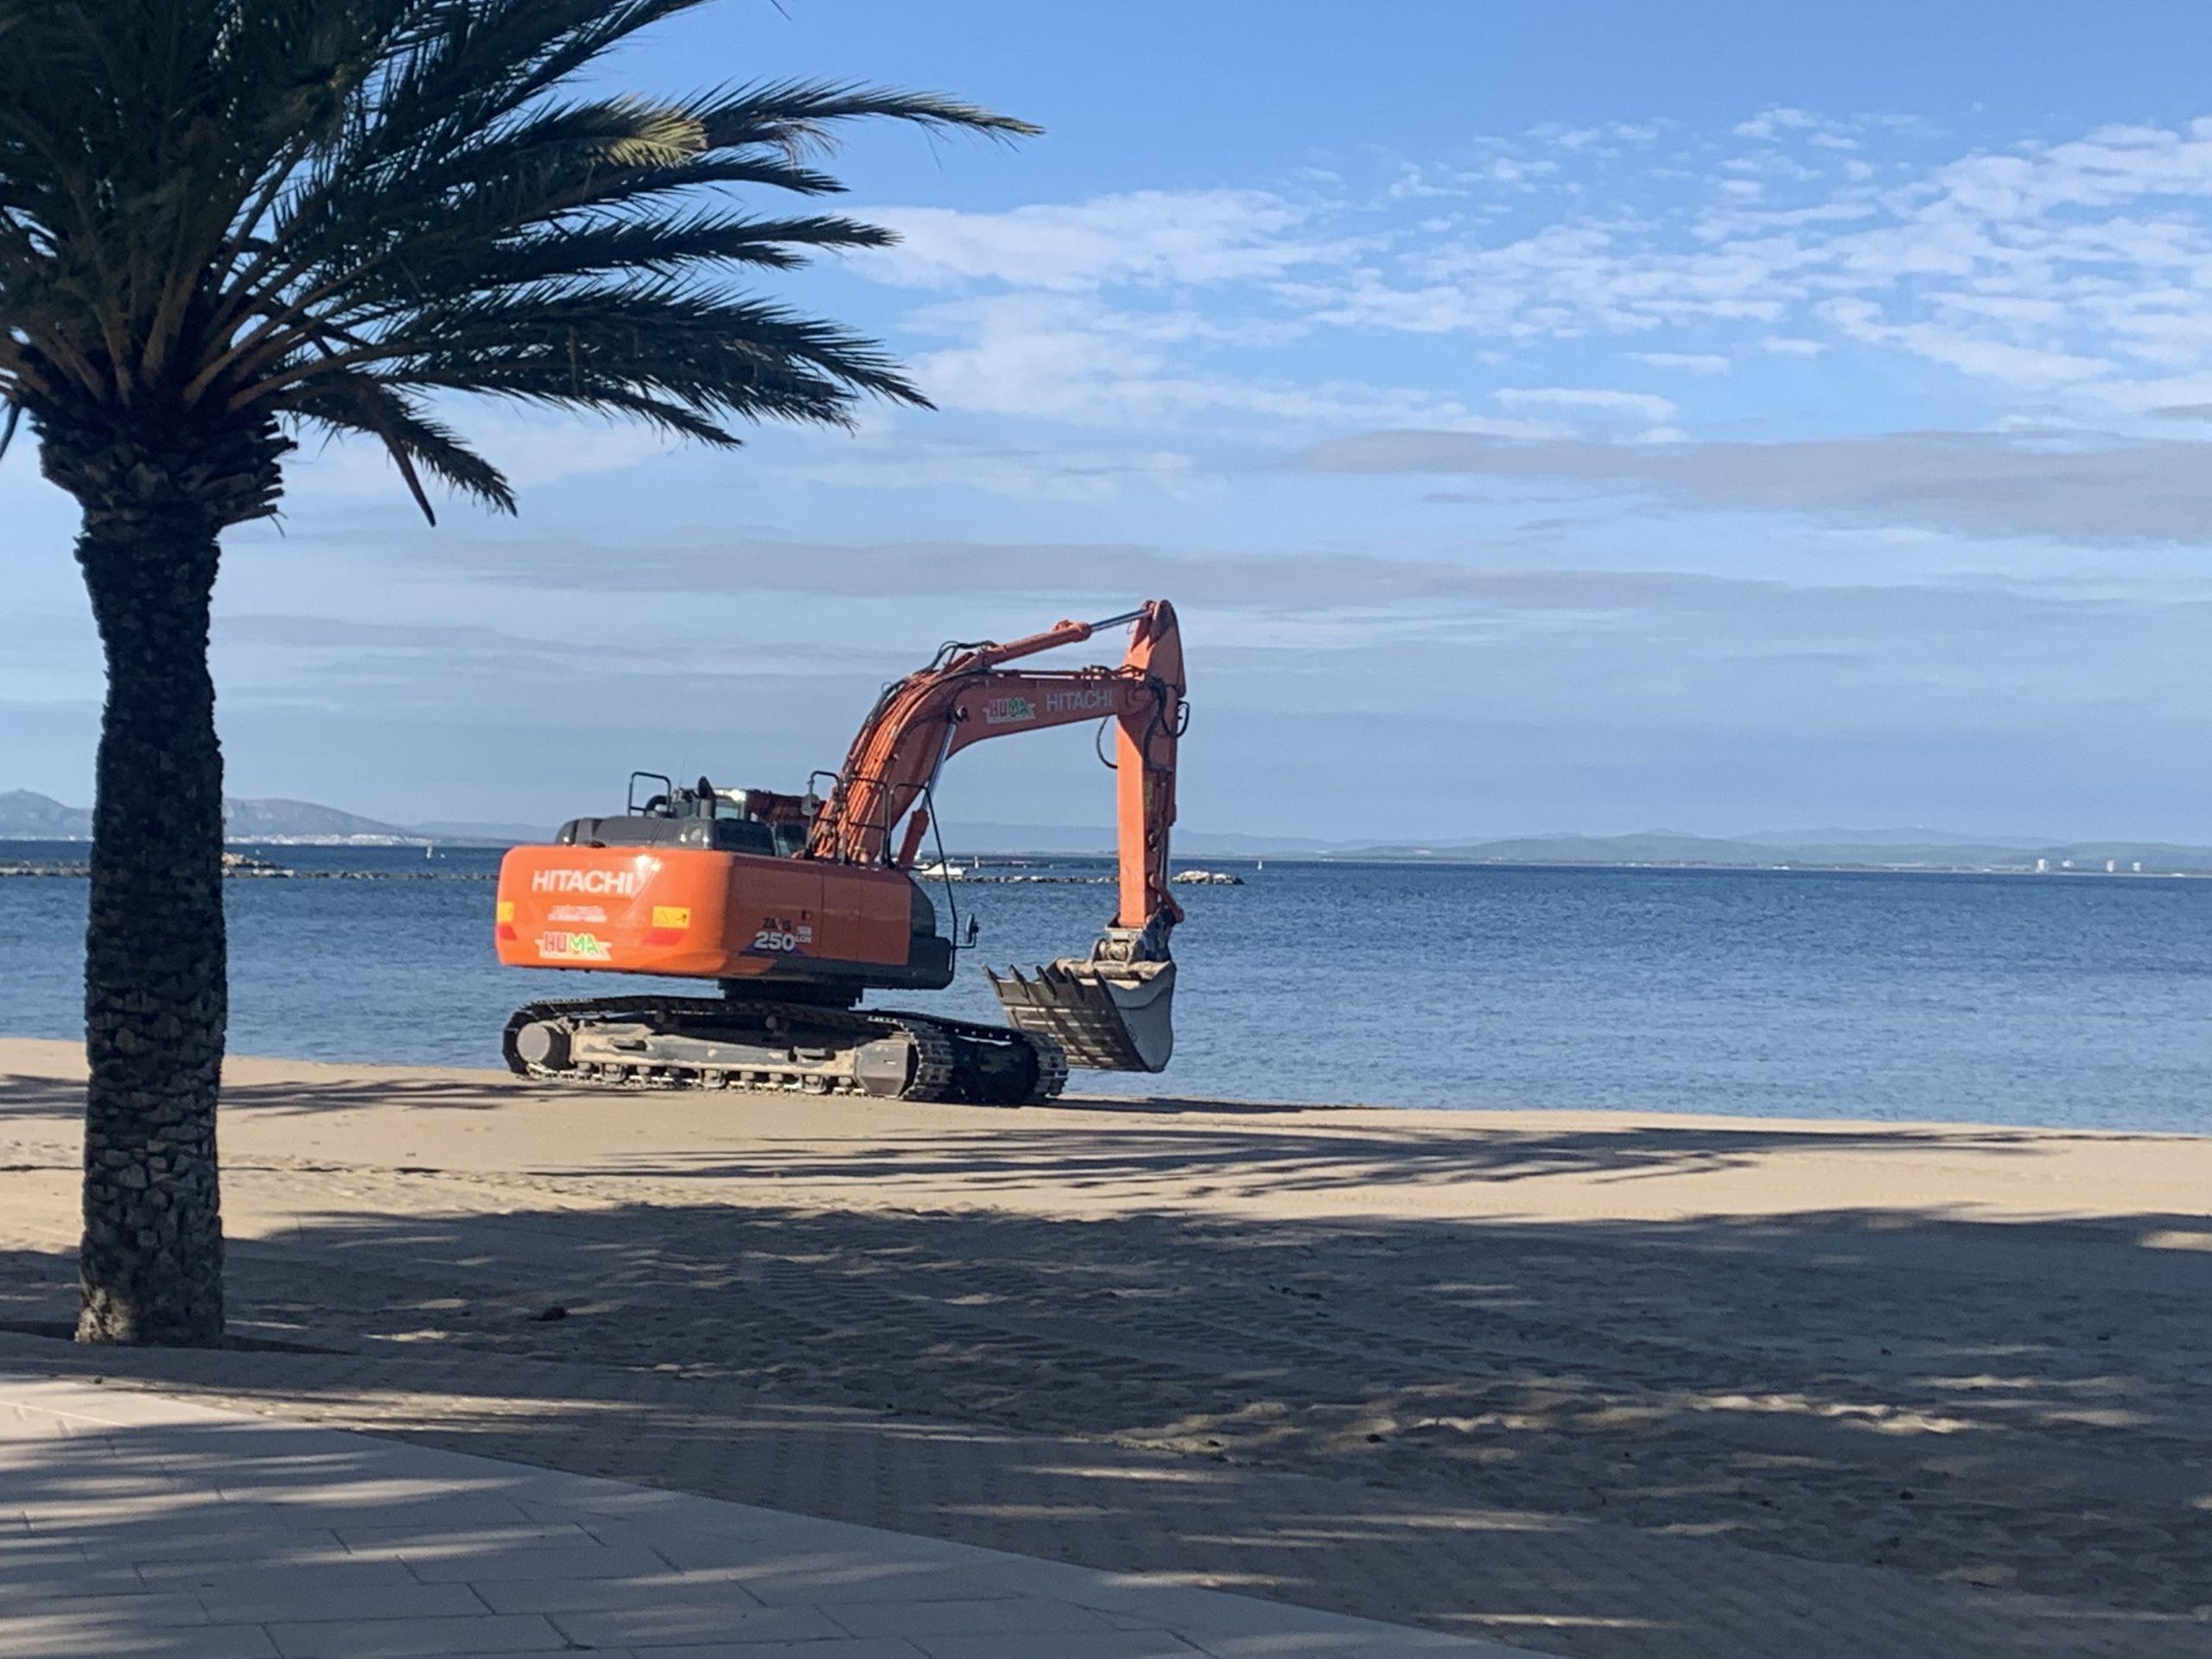 S'inicien els treballs per recuperar l'amplada de sorra a les platges de Roses